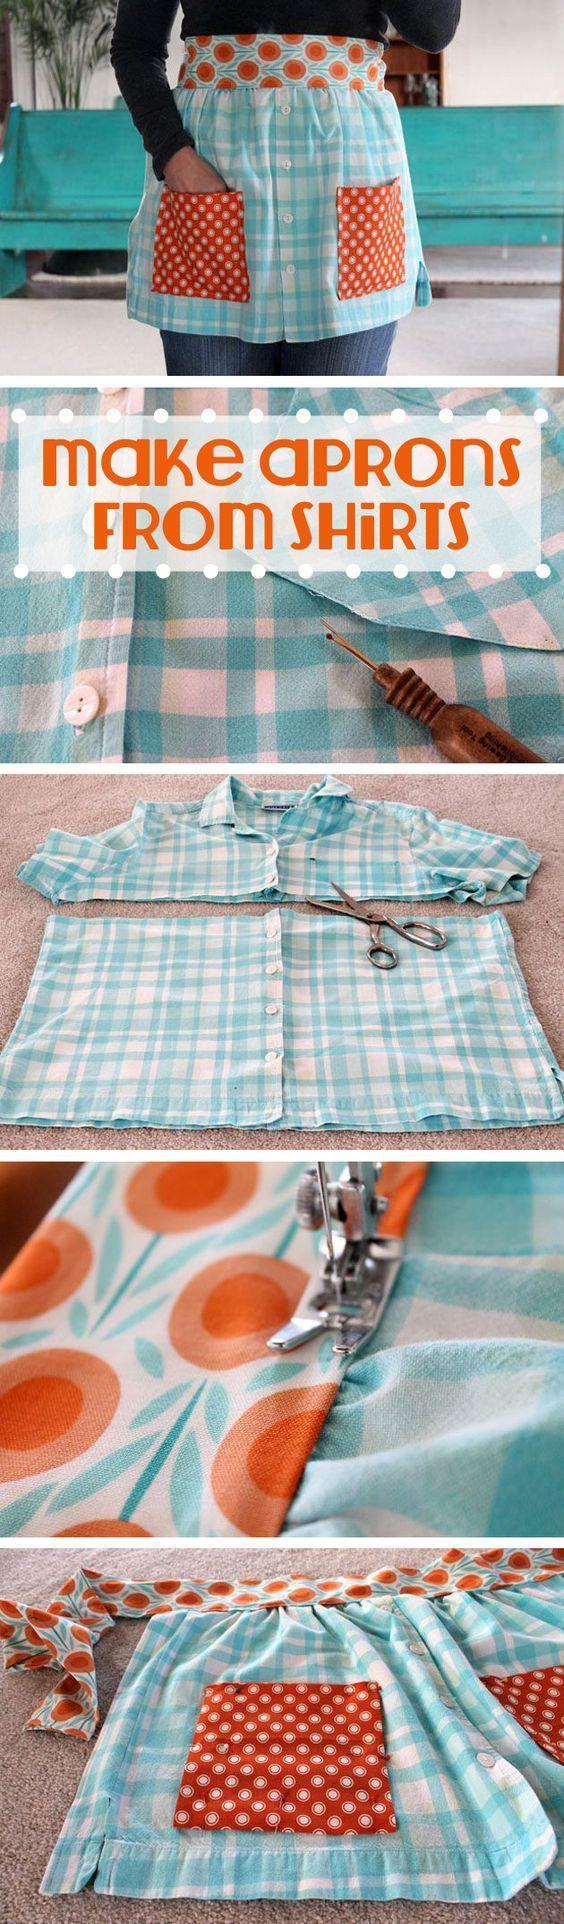 Stylische Schürzen aus alten Hemden selber nähen. Kein großer Aufwand und keine hohen Kosten. Tolle Idee! #diy #schüre #nähen #hemd #diy #upcycling